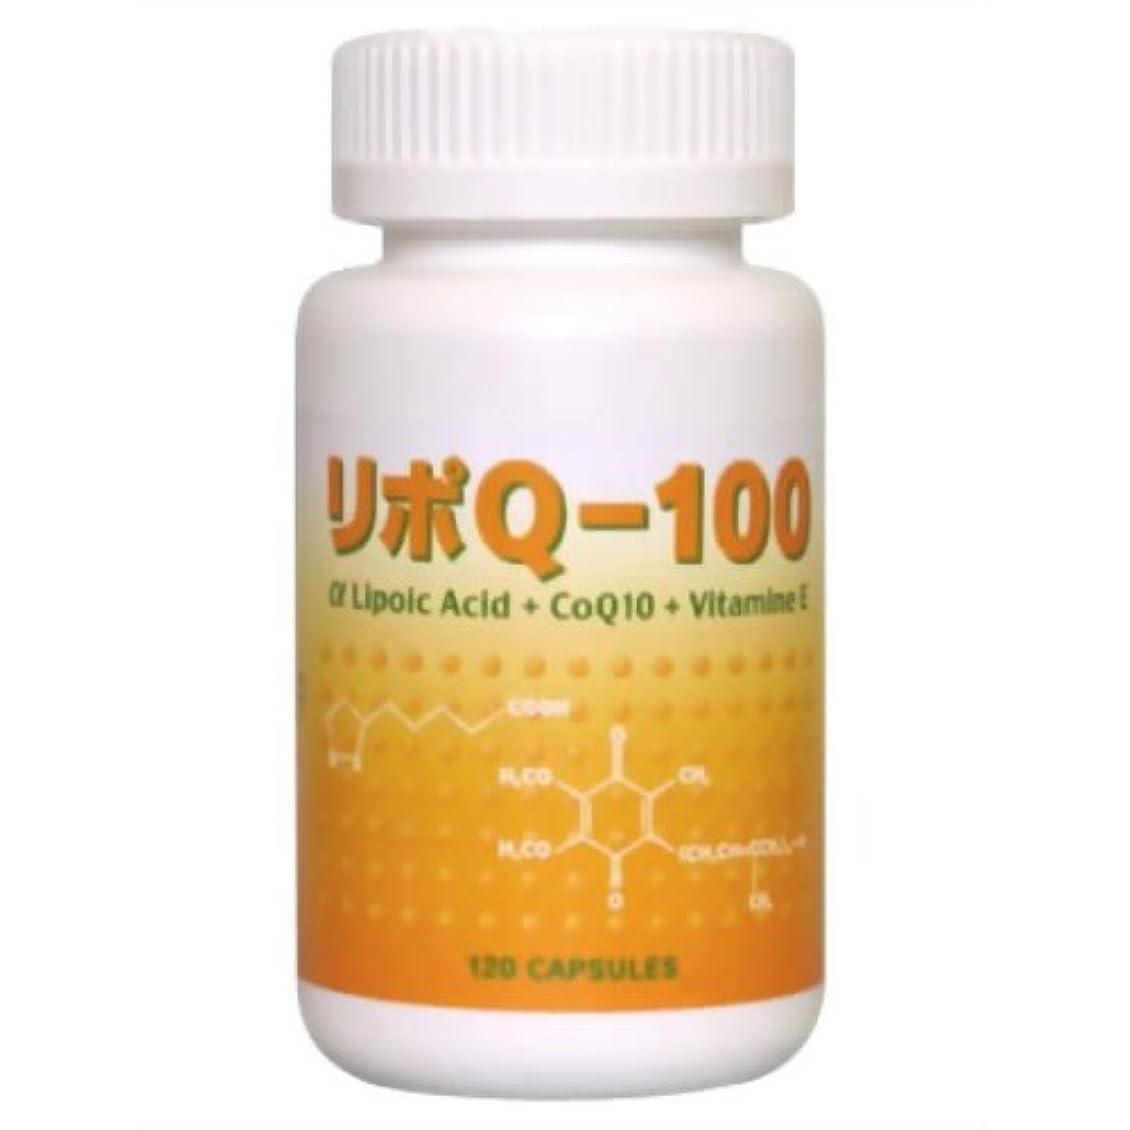 減衰文献トリッキーリポQ-100 120カプセル(アルファリポ酸/αリポ酸配合)